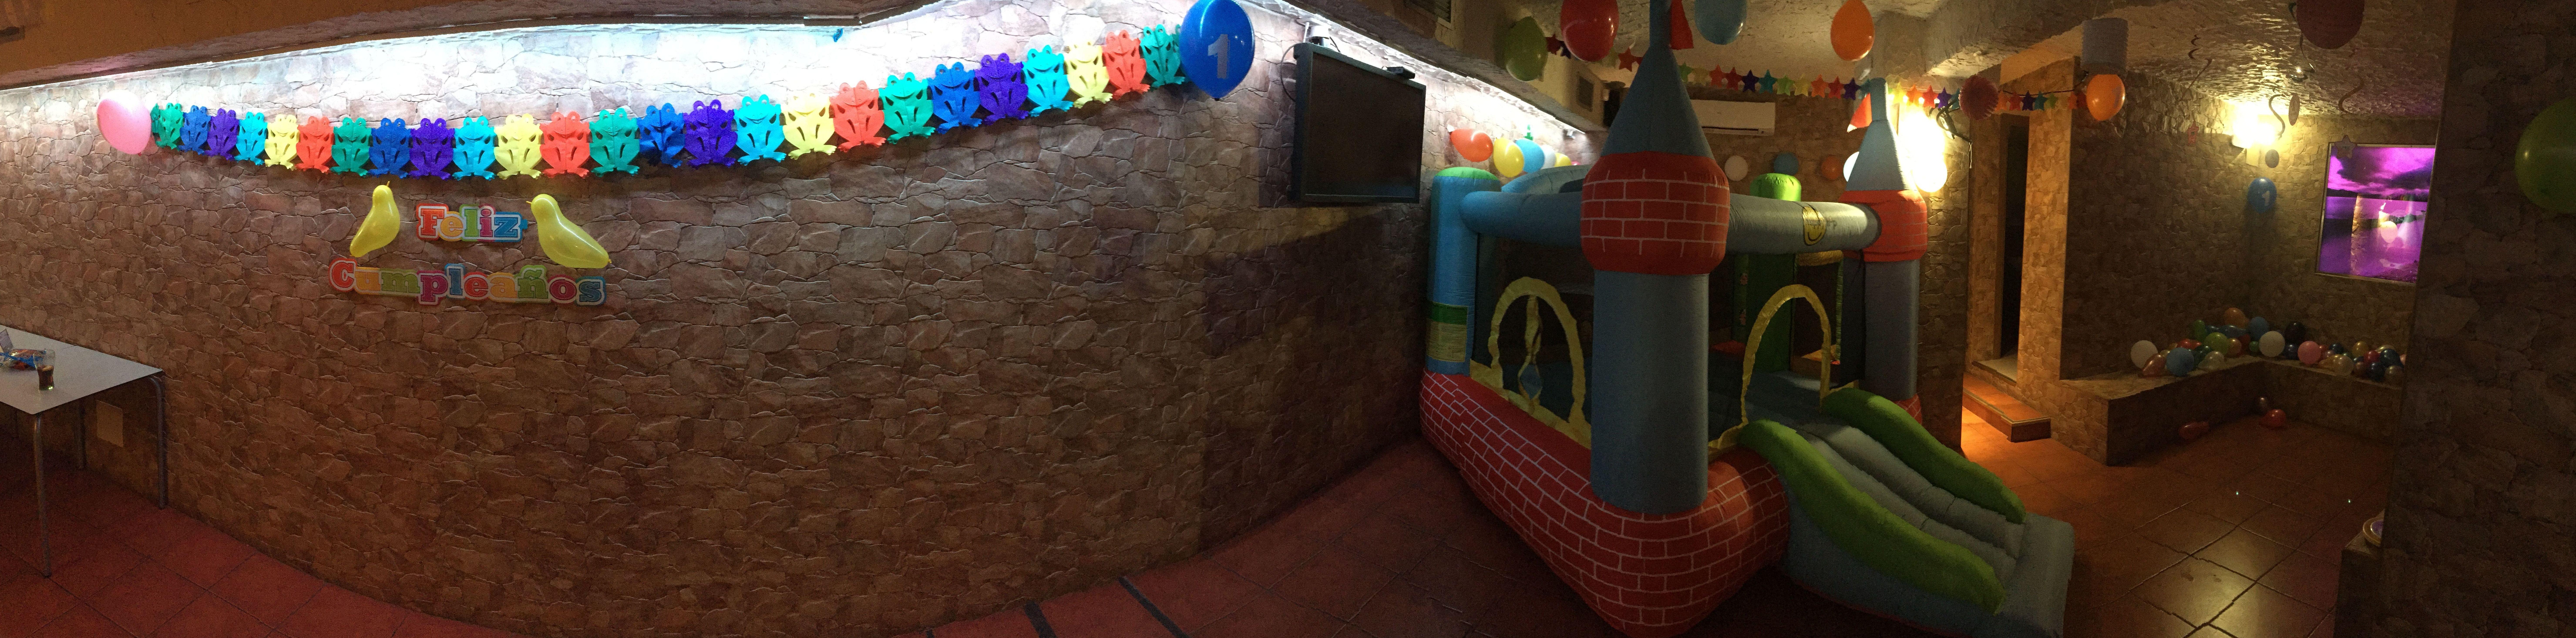 Bar Restaurante con Niños Barrio Del Pilar Plaza Castilla Madrid